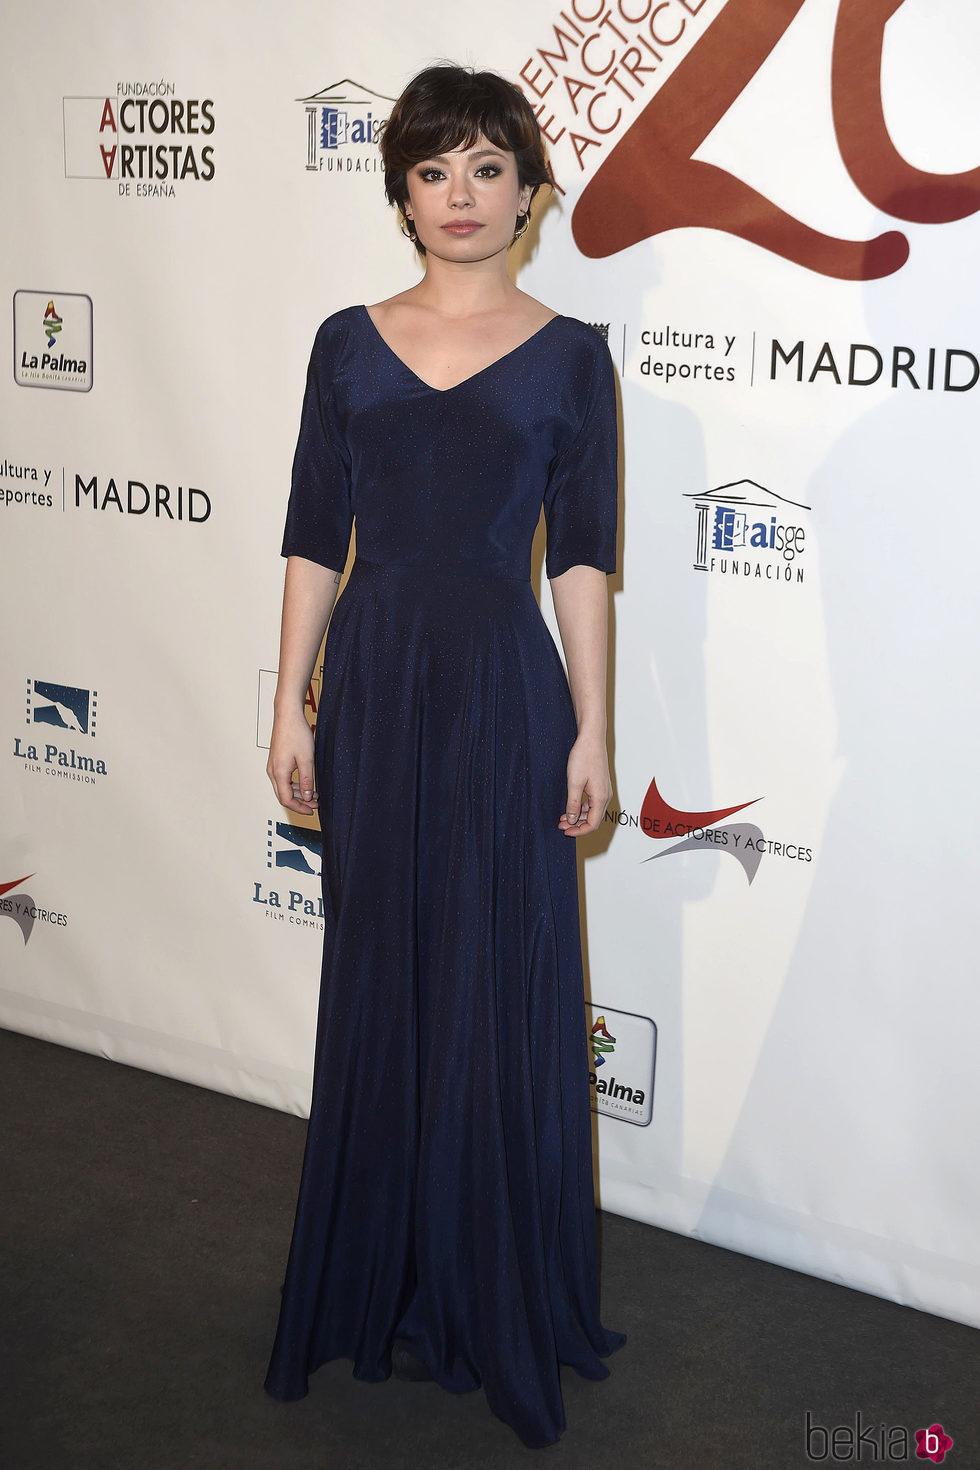 Anna Castillo en la red carpet de la XXVI edición de los Premios de la Unión de Actores